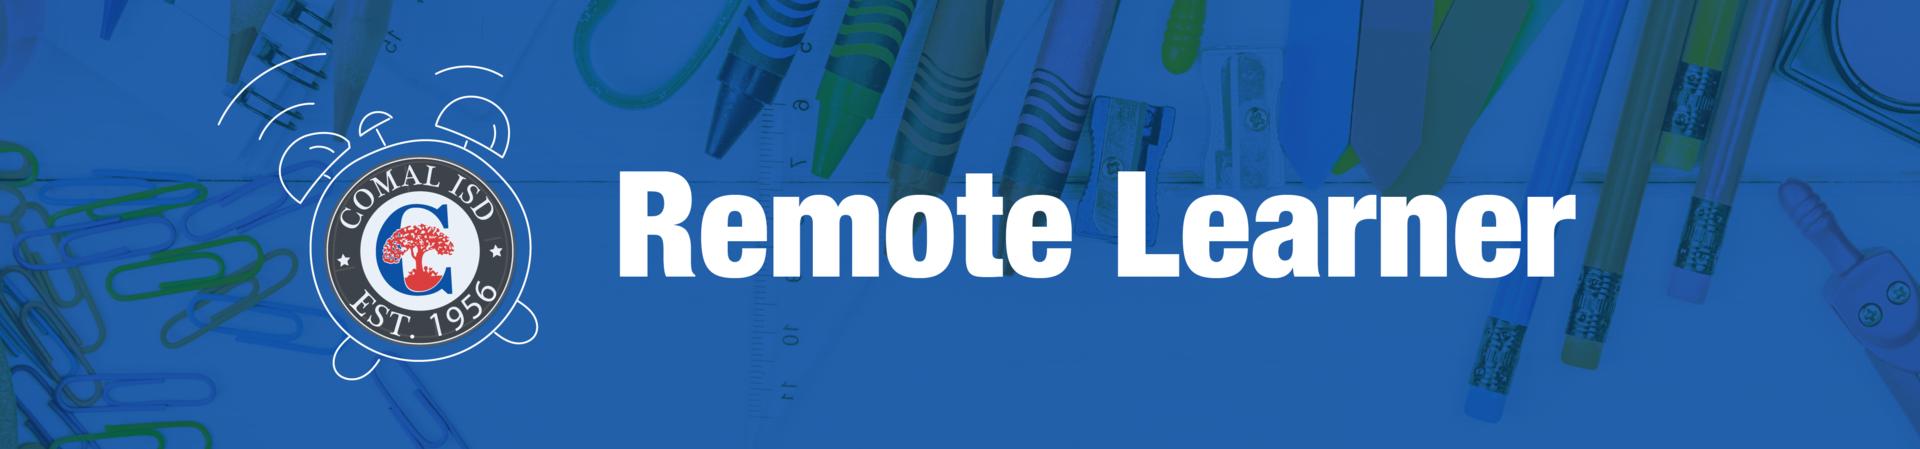 Remote Learner Banner